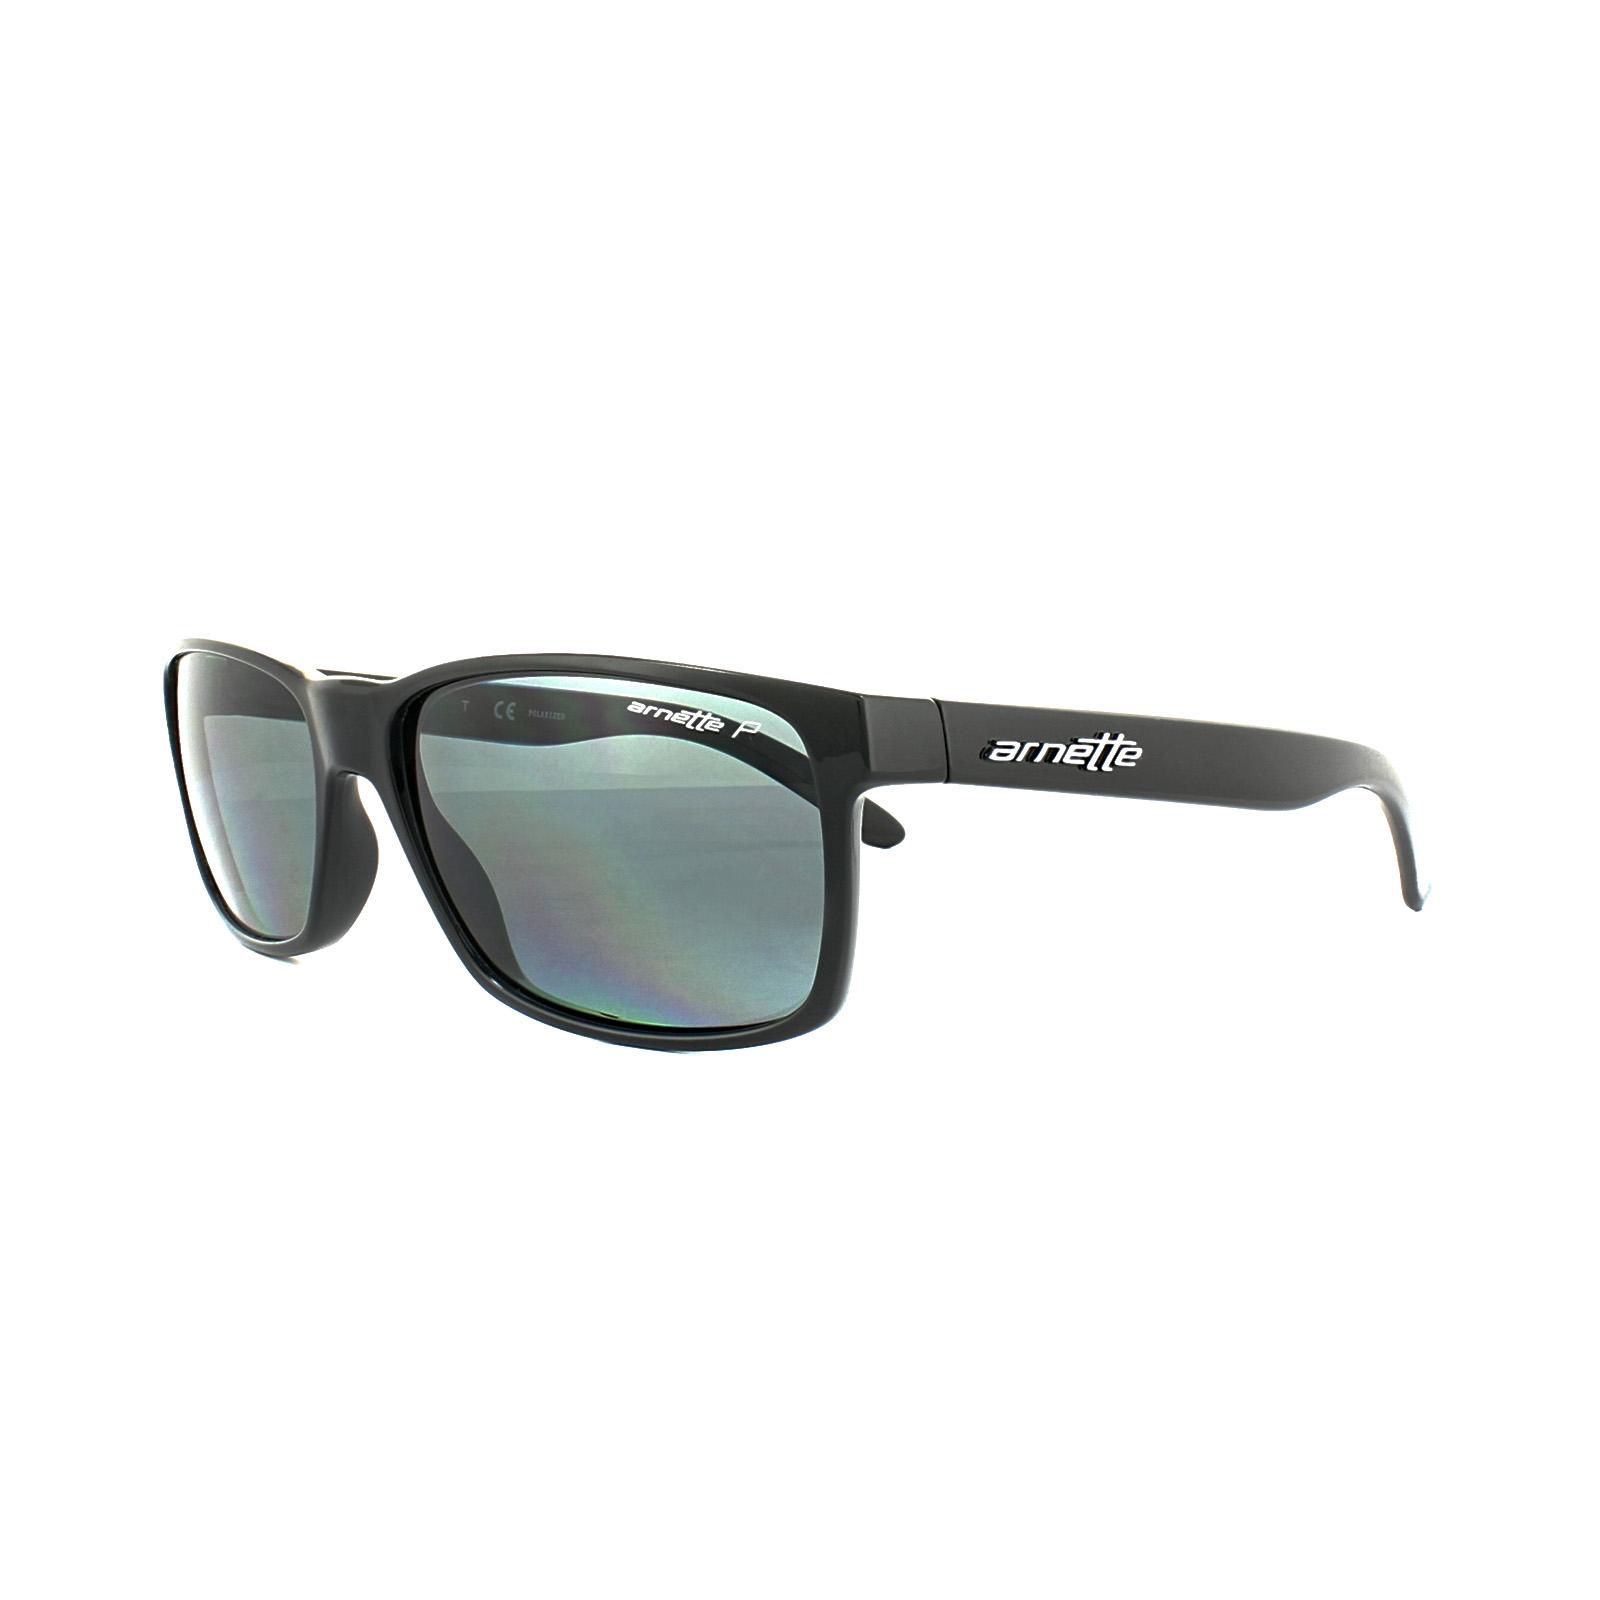 7af96c3f8bd21 Sentinel Arnette Sunglasses Slickster 4185 41 81 Black Grey Polarized